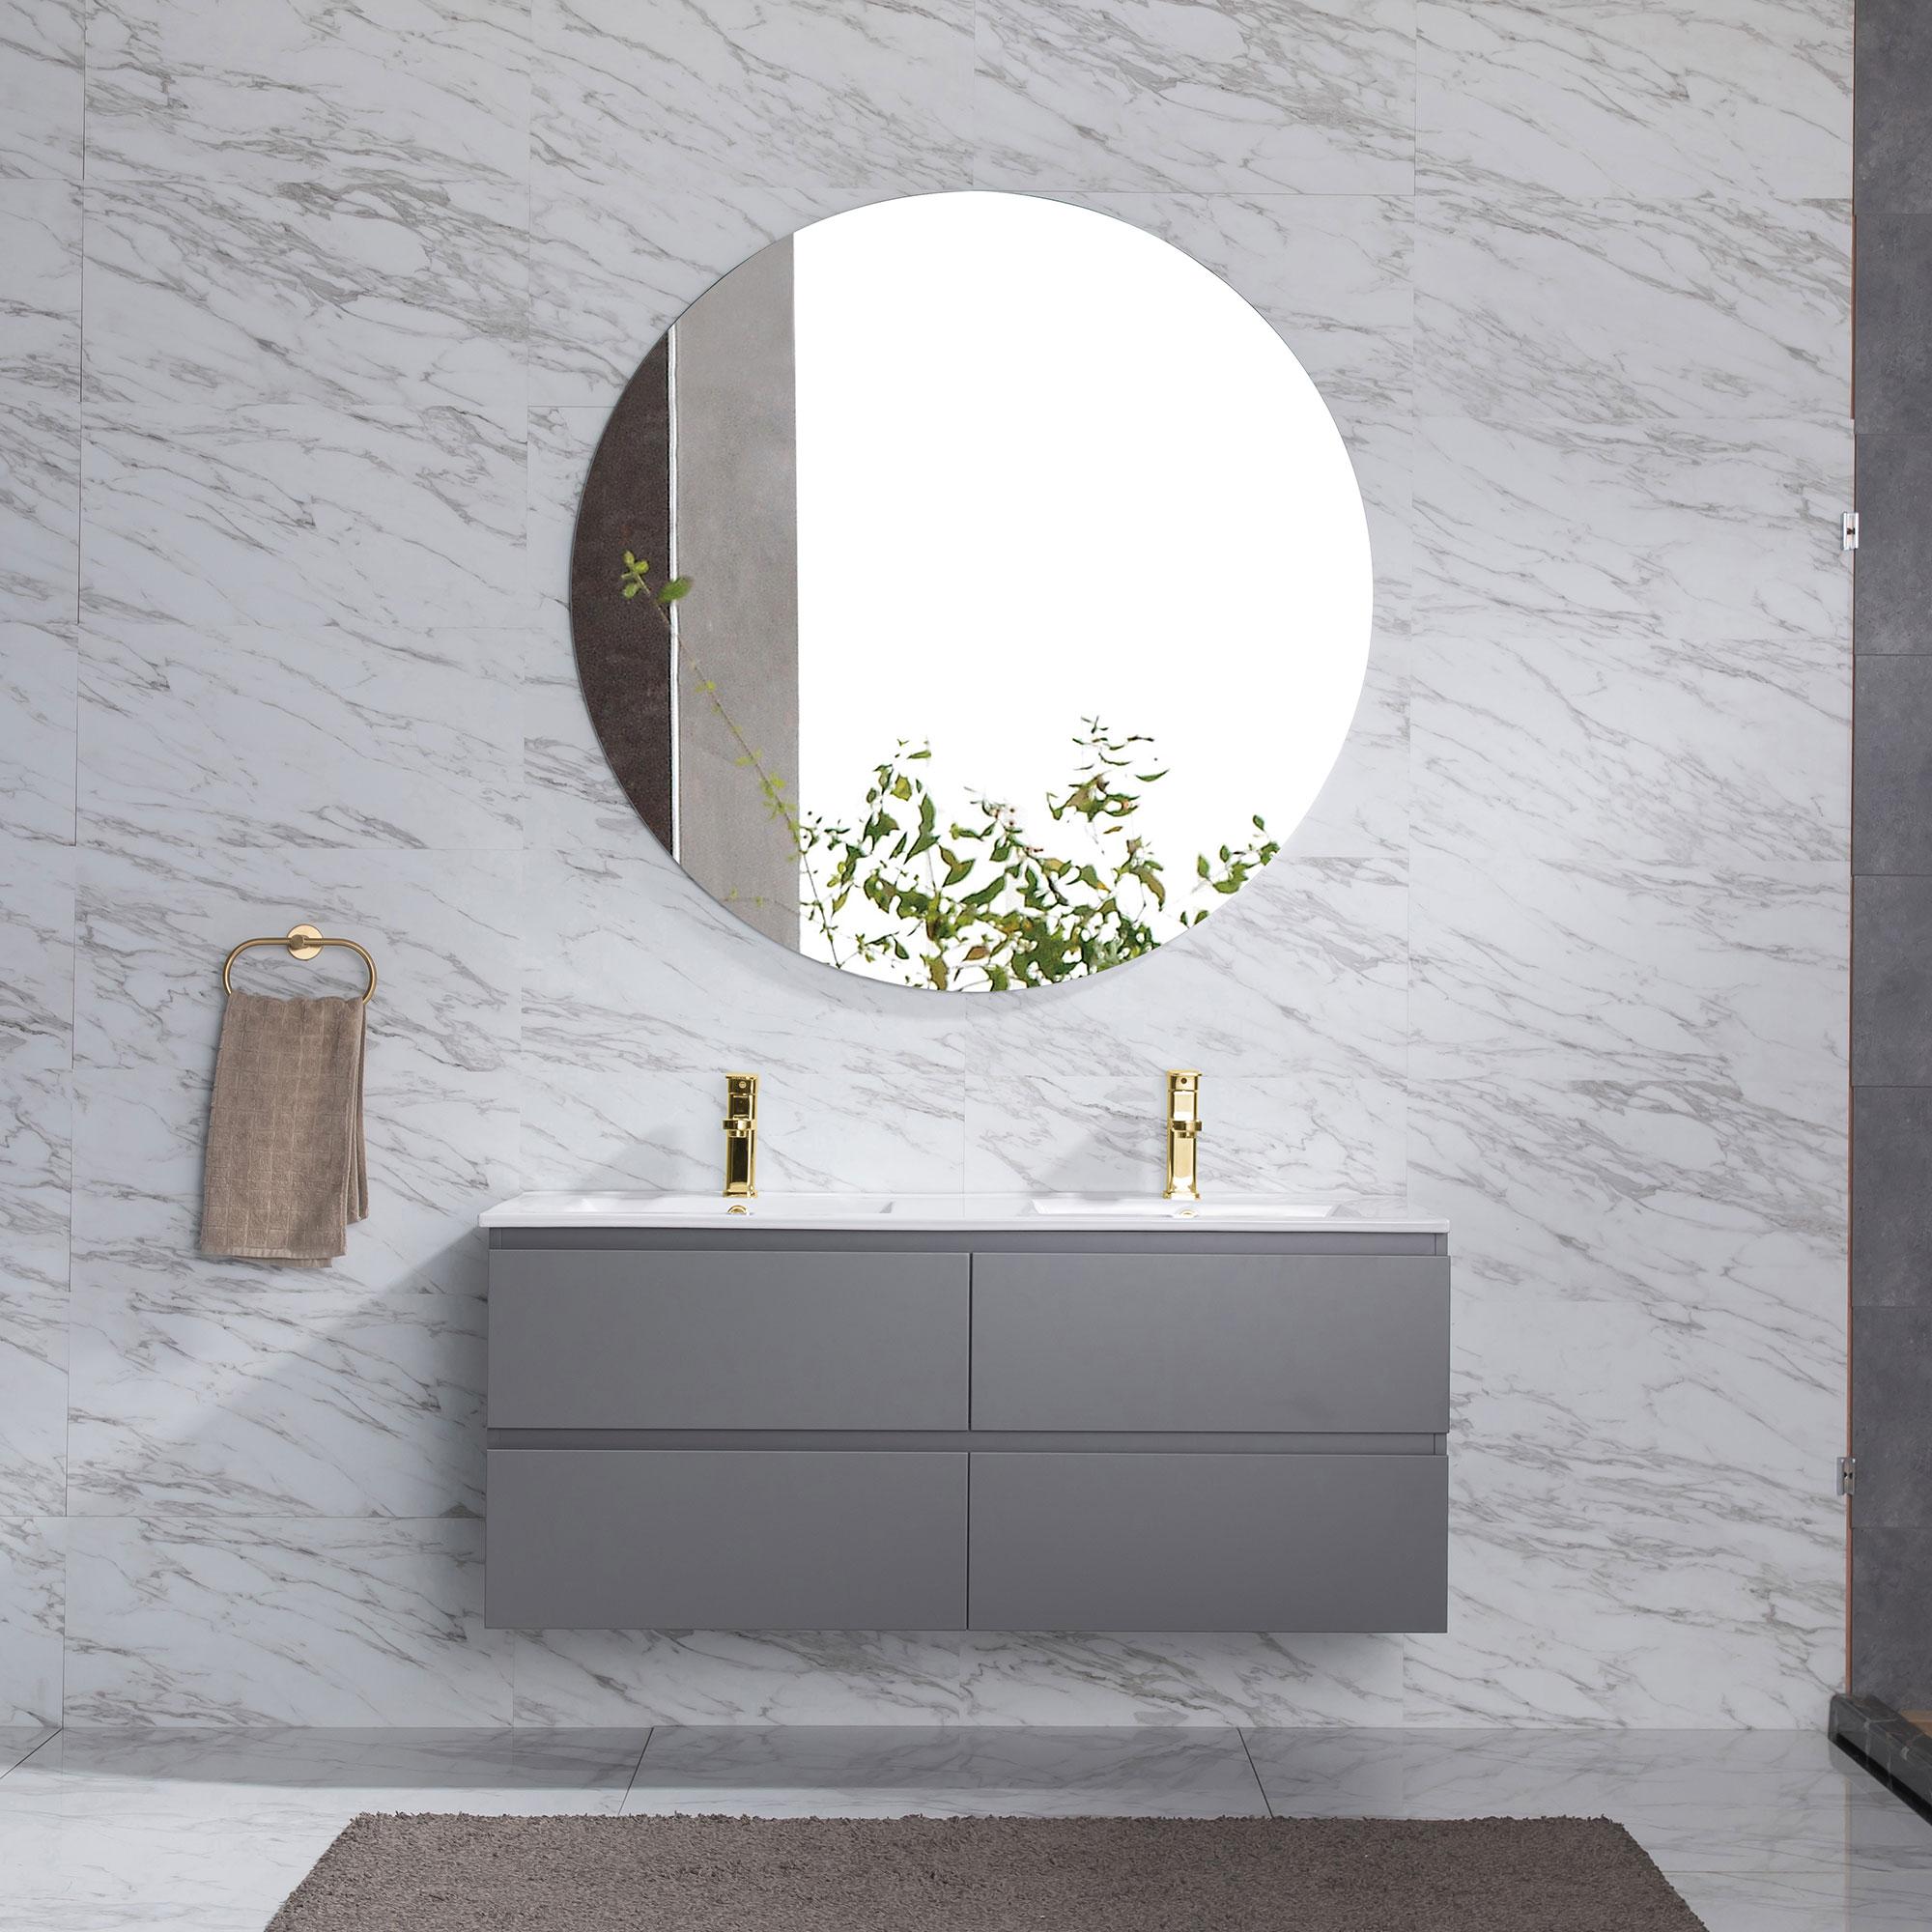 Tvättställsskåp Bathlife Eufori Grå